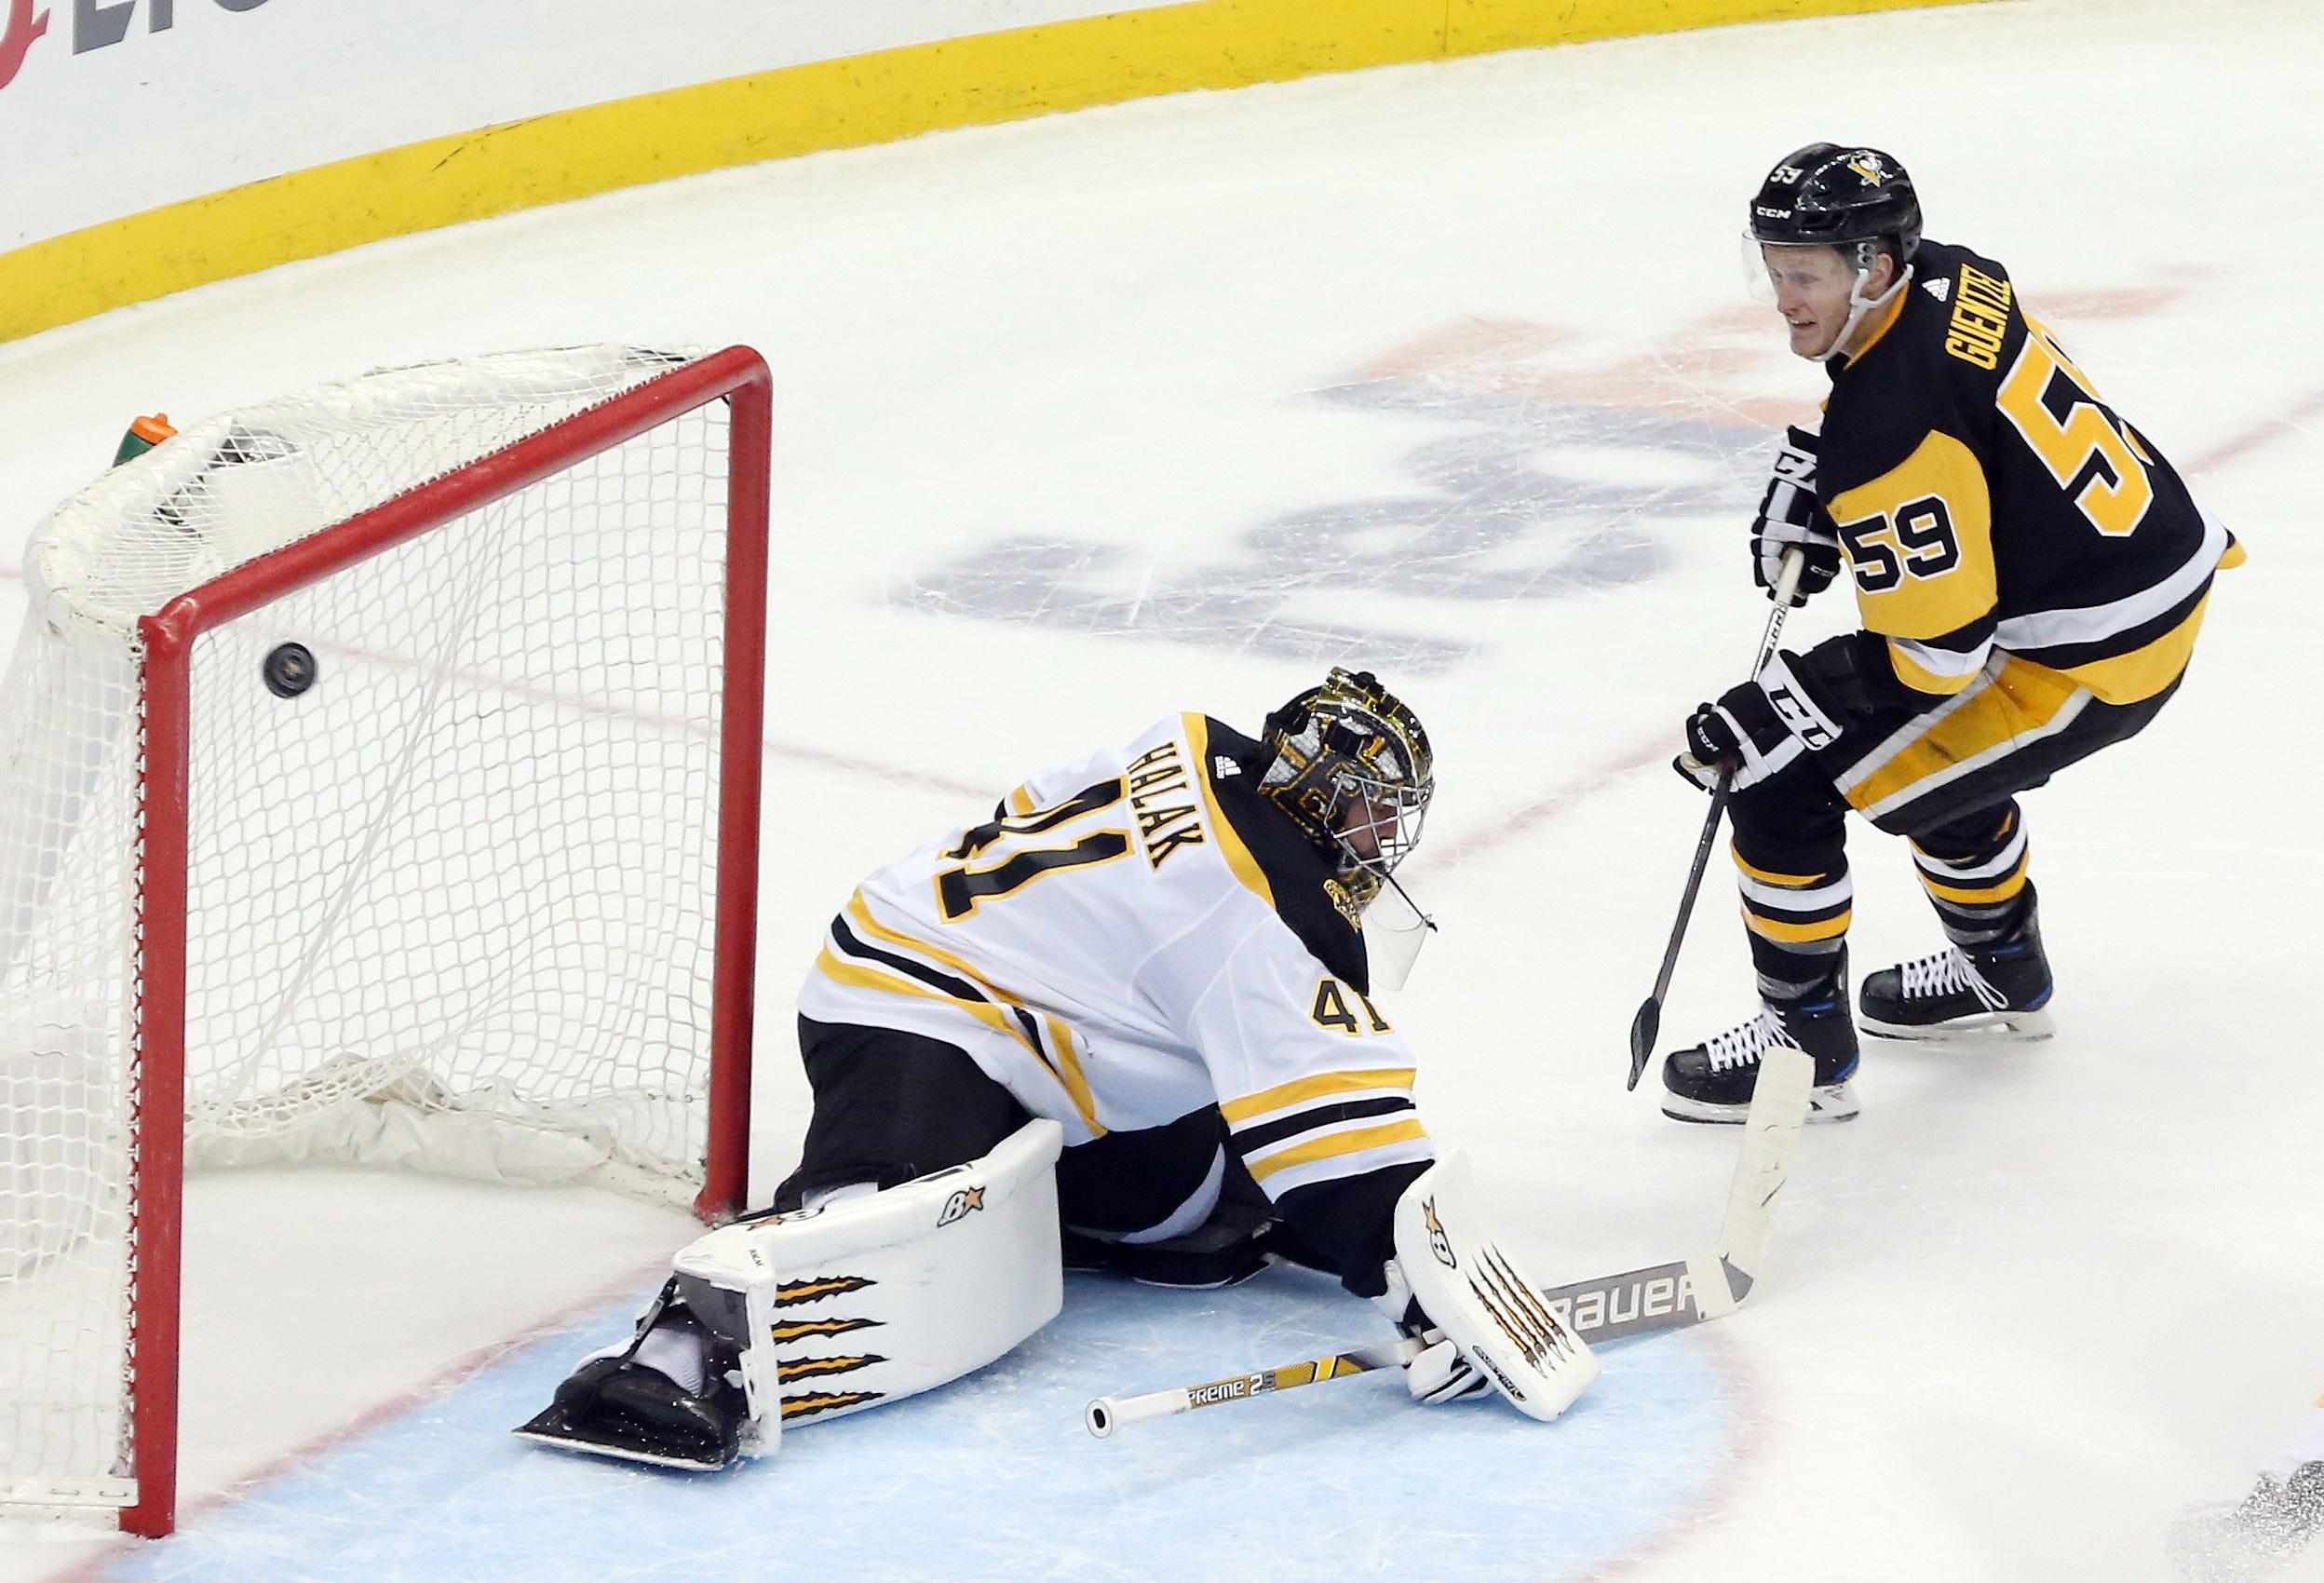 Penguins end Bruins' point streak at 19 games